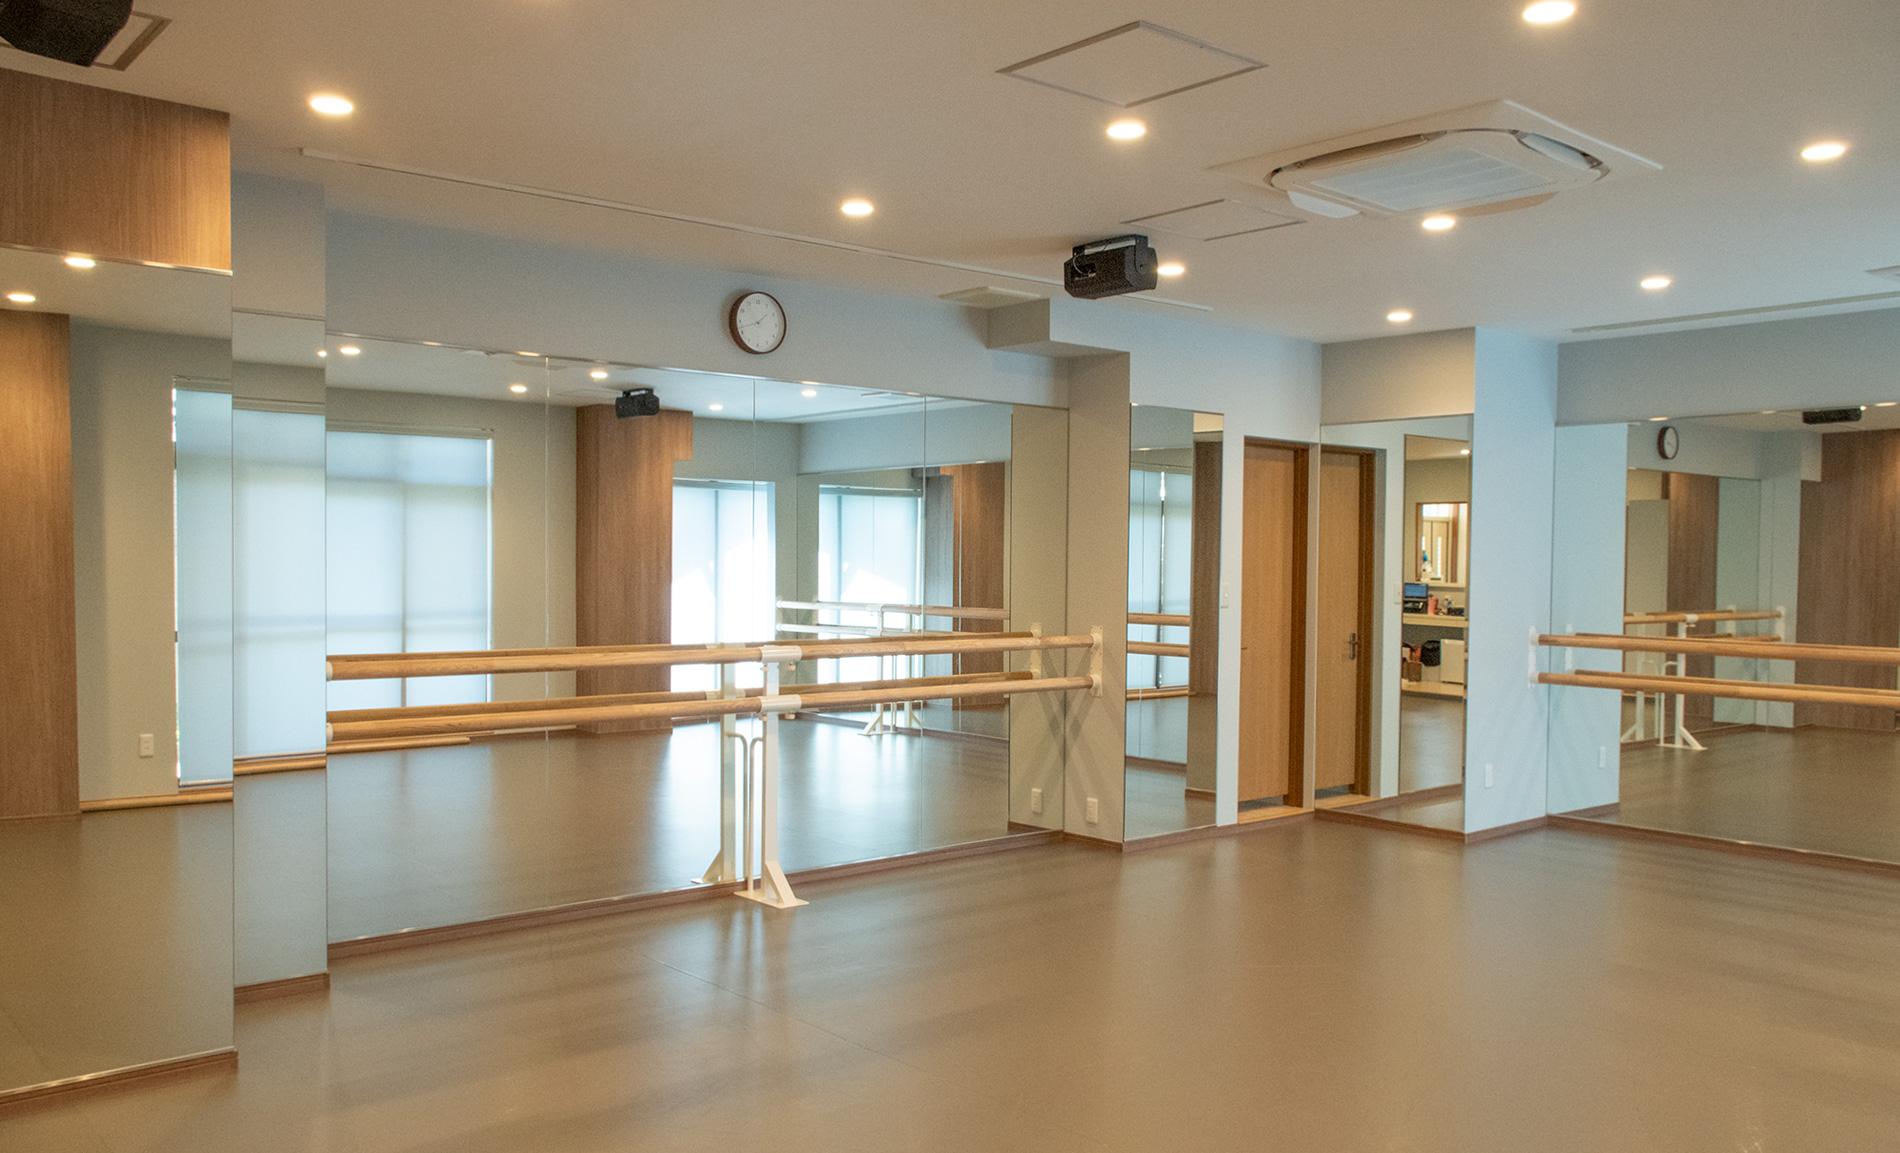 リタバレエスクール – RitaBalletSchool | 西宮市のバレエ教室